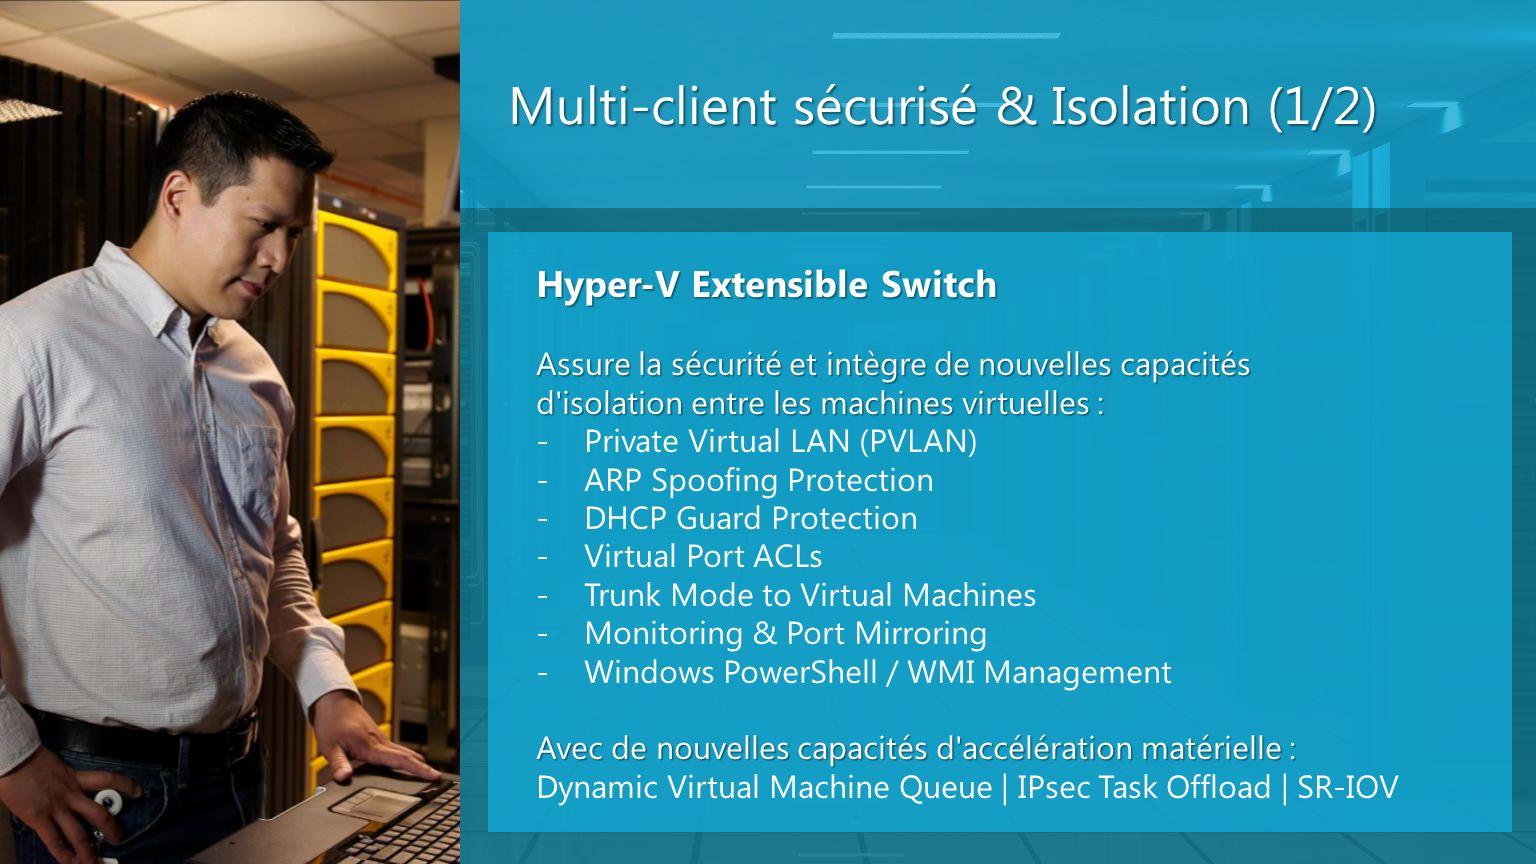 Multi-client sécurisé & Isolation (1/2) Hyper-V Extensible Switch Assure la sécurité et intègre de nouvelles capacités d'isolation entre les machines